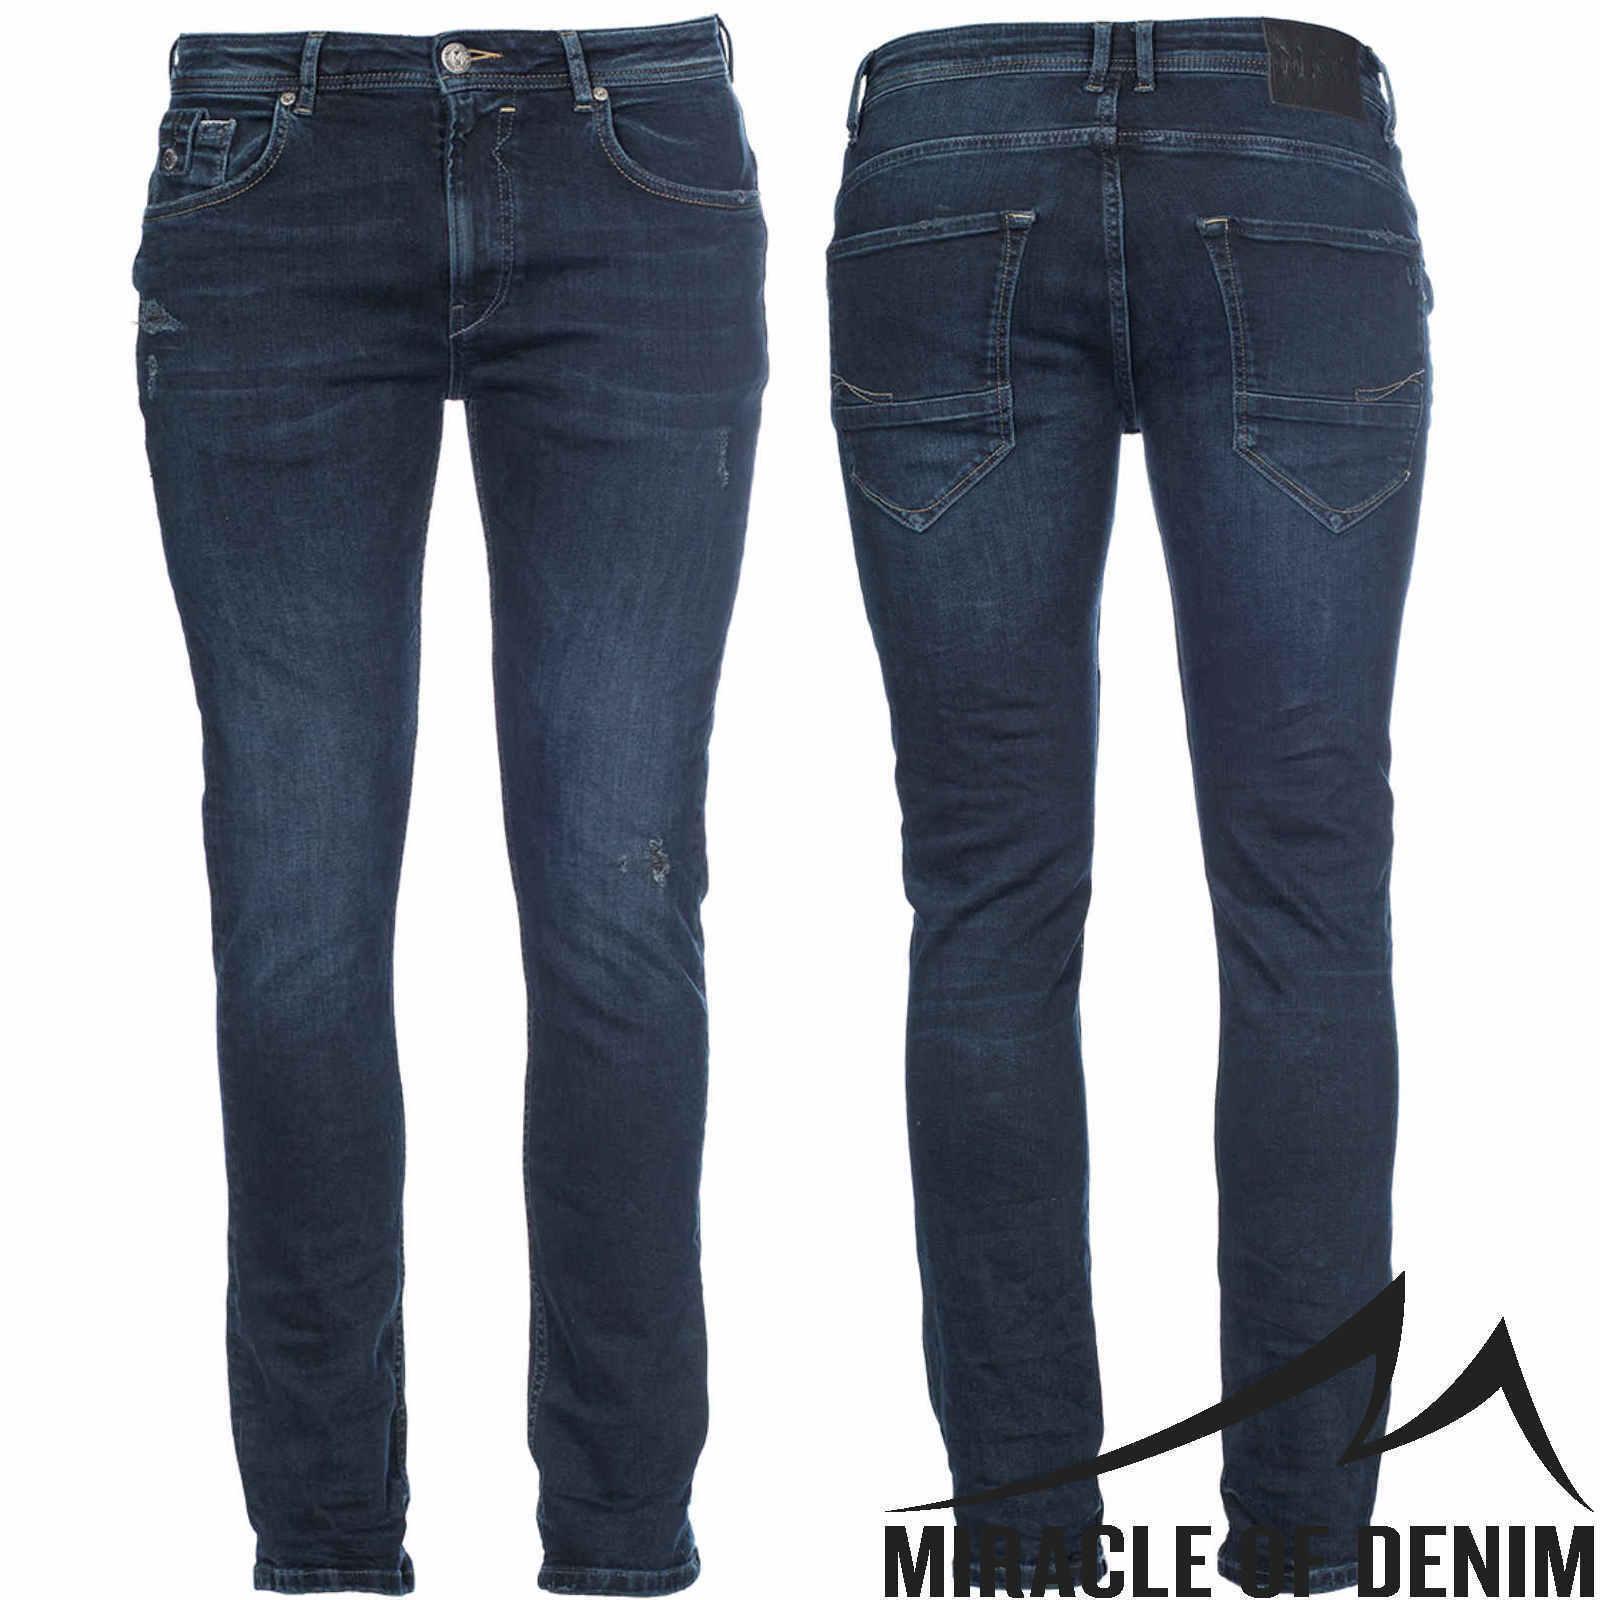 M.O.D  calcetines para vaqueros riCochedo slim nos-1002 pantalones nuevo Stretch slim fit leg Denim mod  de moda